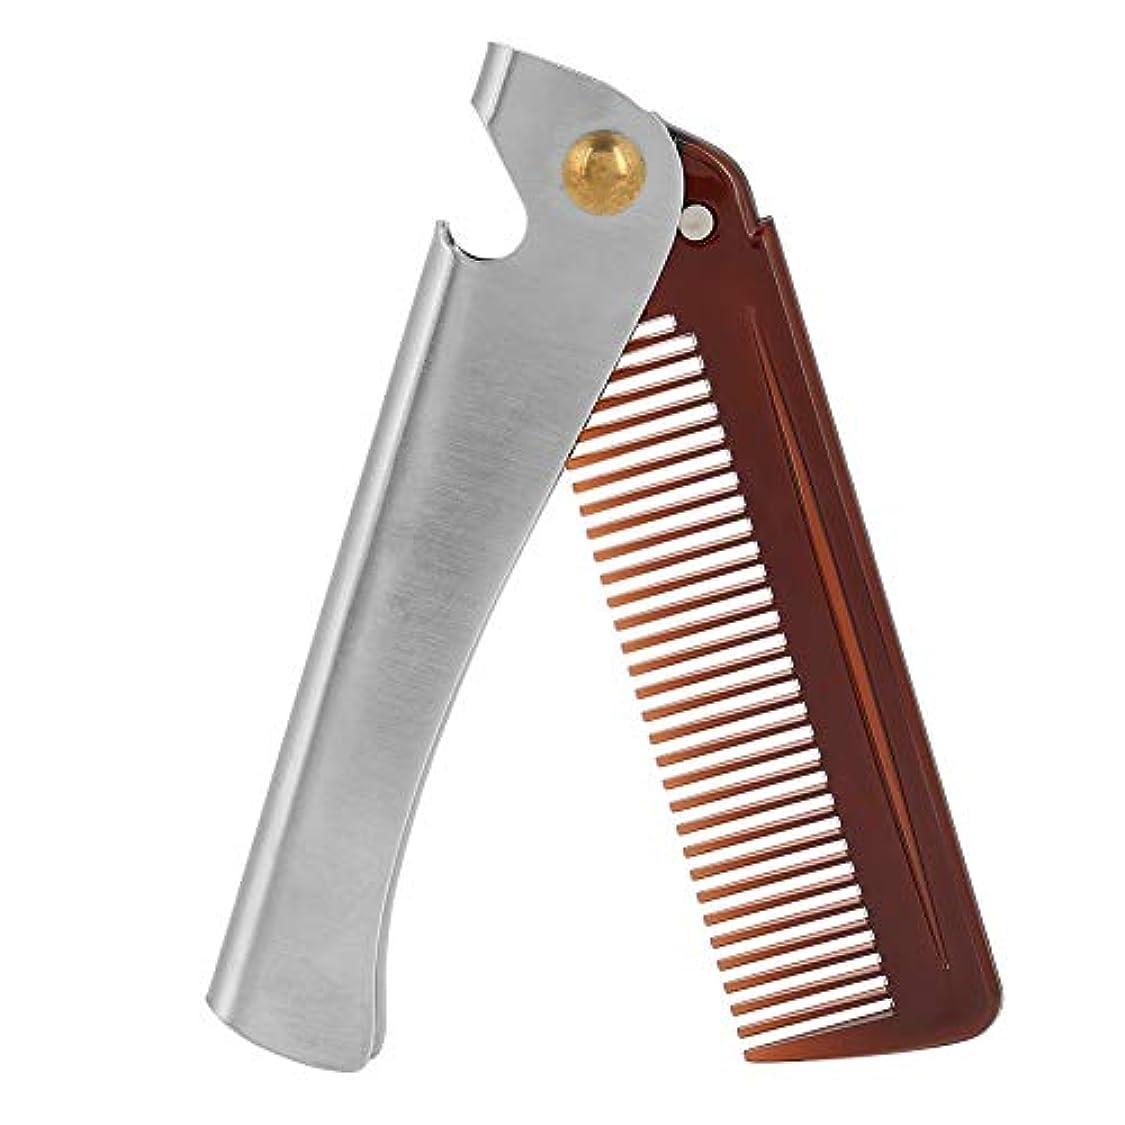 純粋に枯れる連邦ステンレス製のひげの櫛の携帯用ステンレス製のひげの櫛の携帯用折りたたみ口ひげ用具の栓抜き